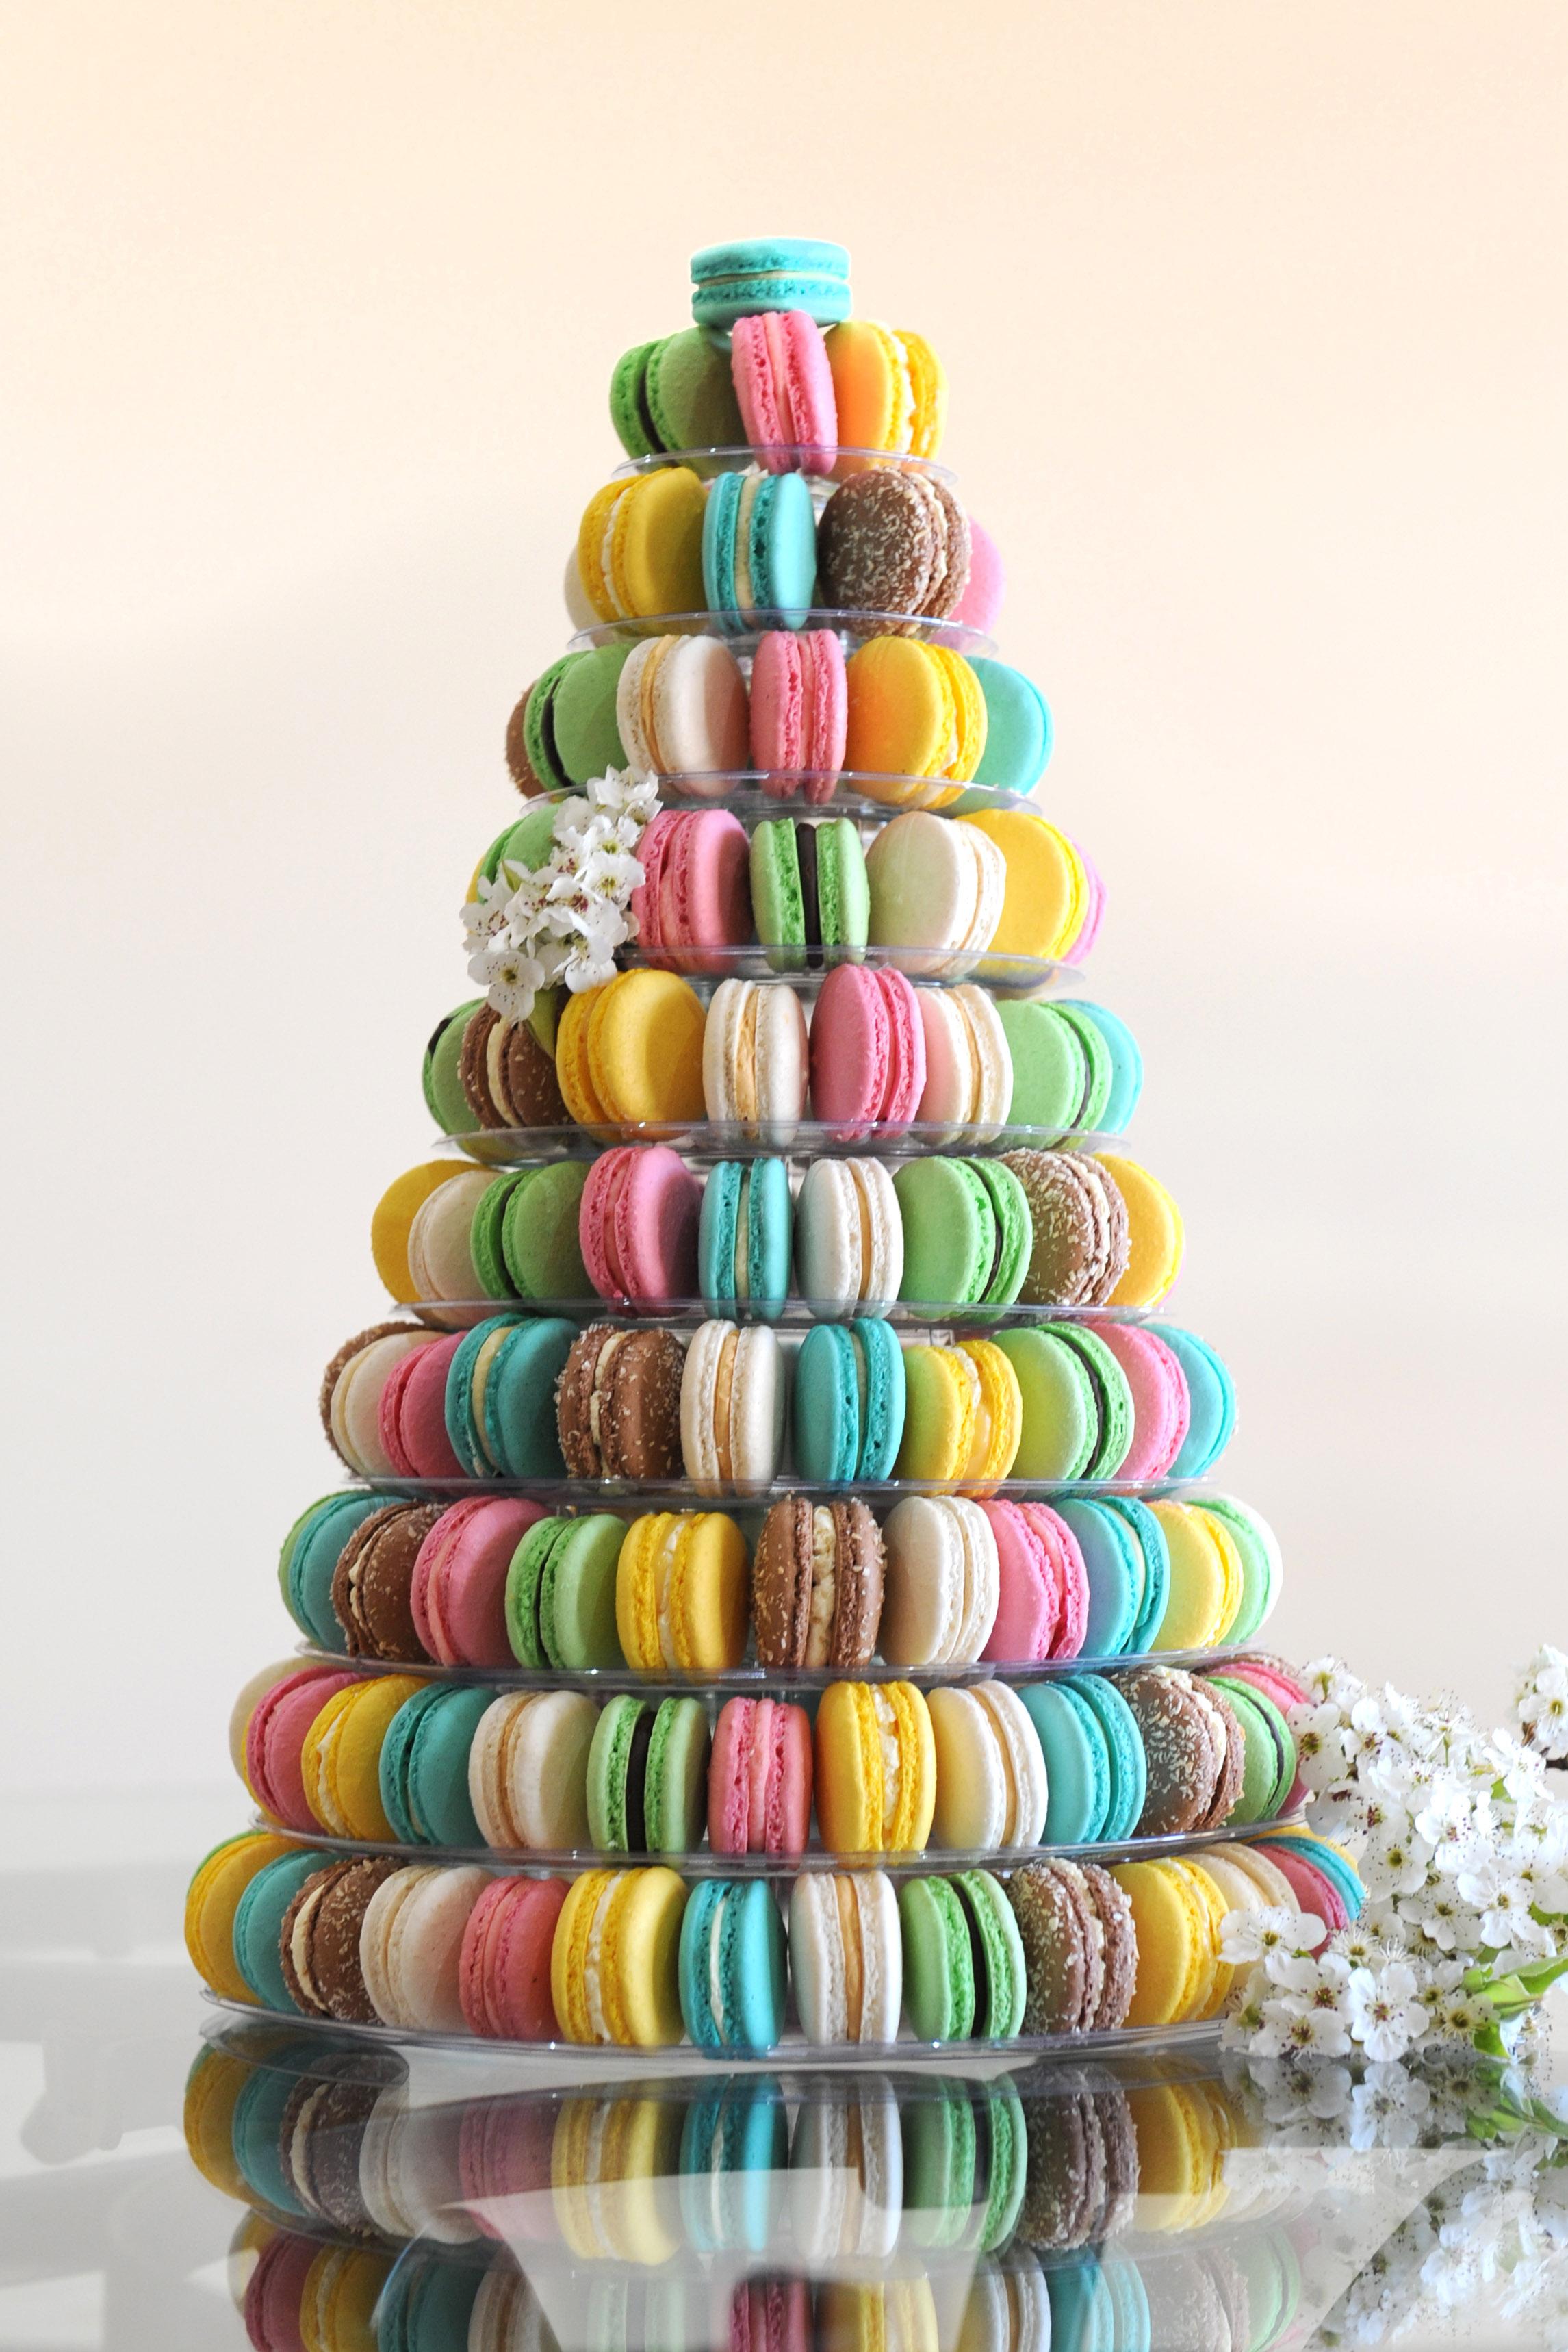 10 Tier Acrylic Round Macaron Tower